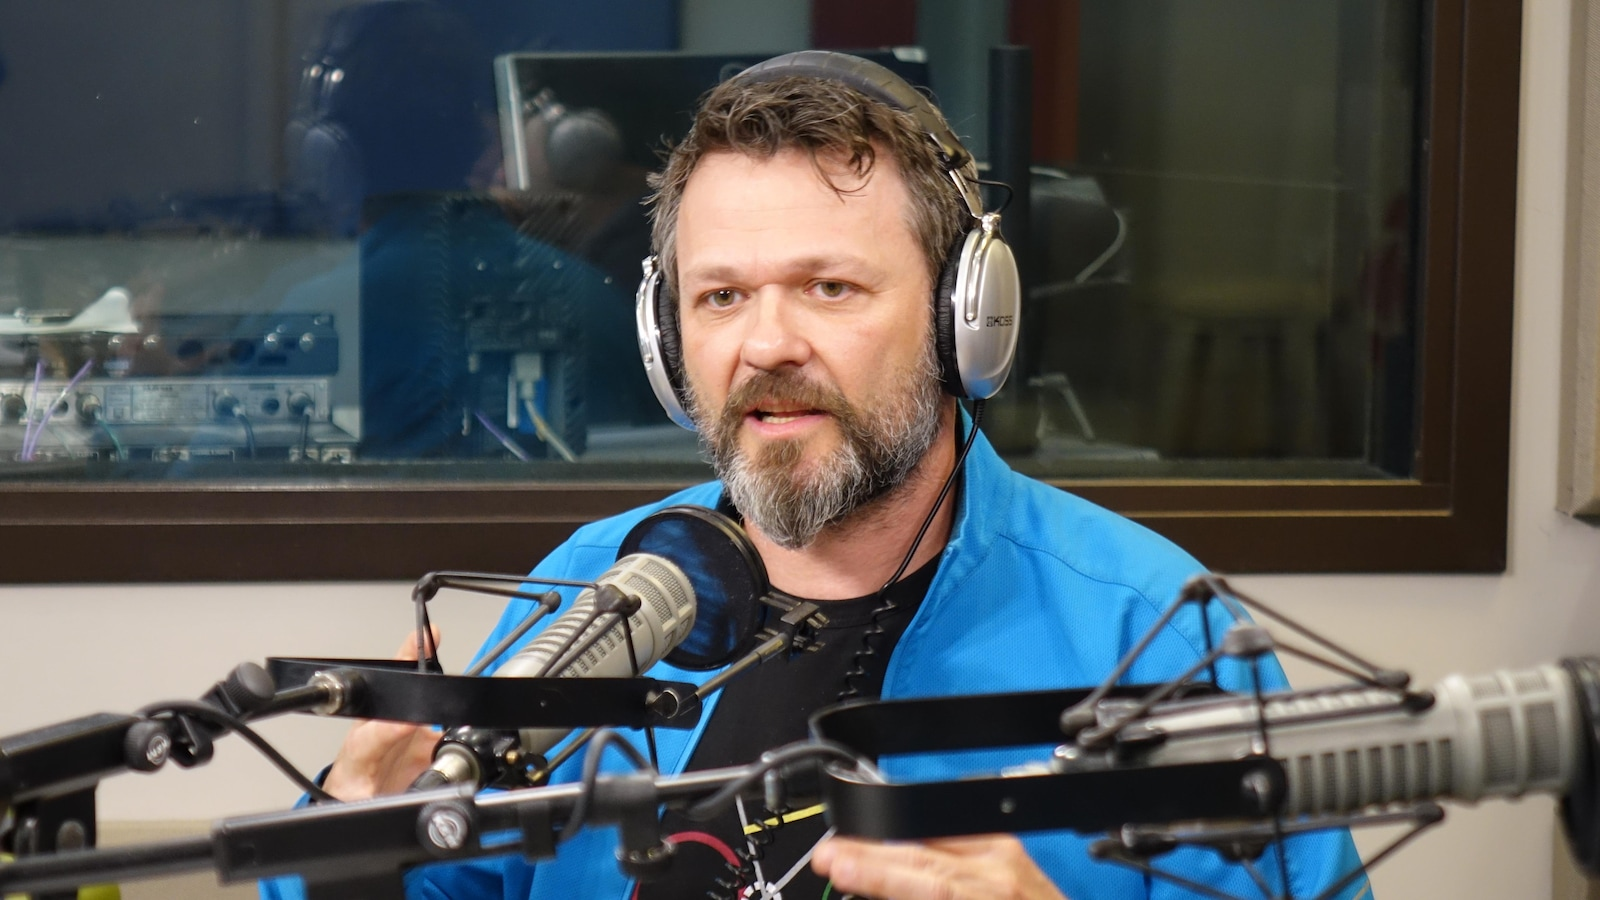 un homme parle au micro d'un studio de radio.